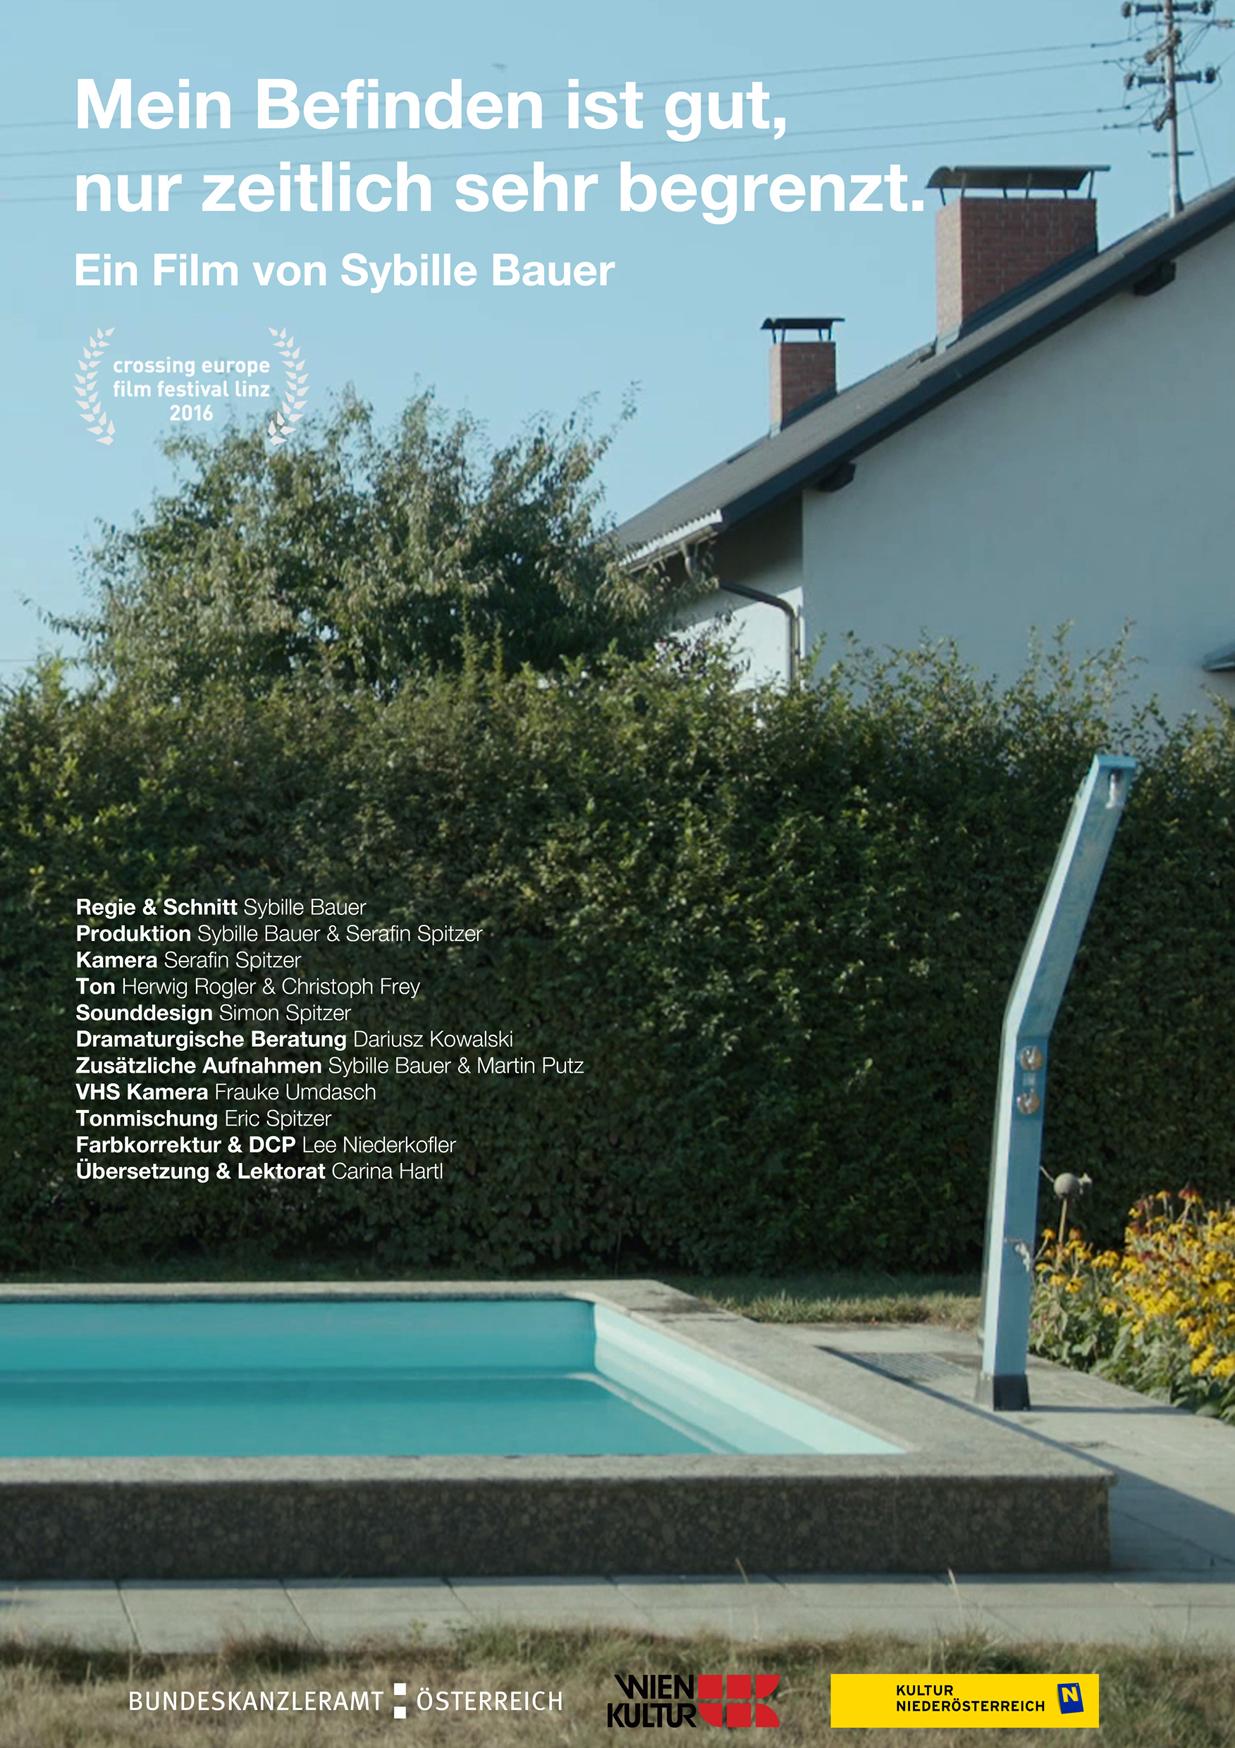 MeinBefinden_Poster_Einladung